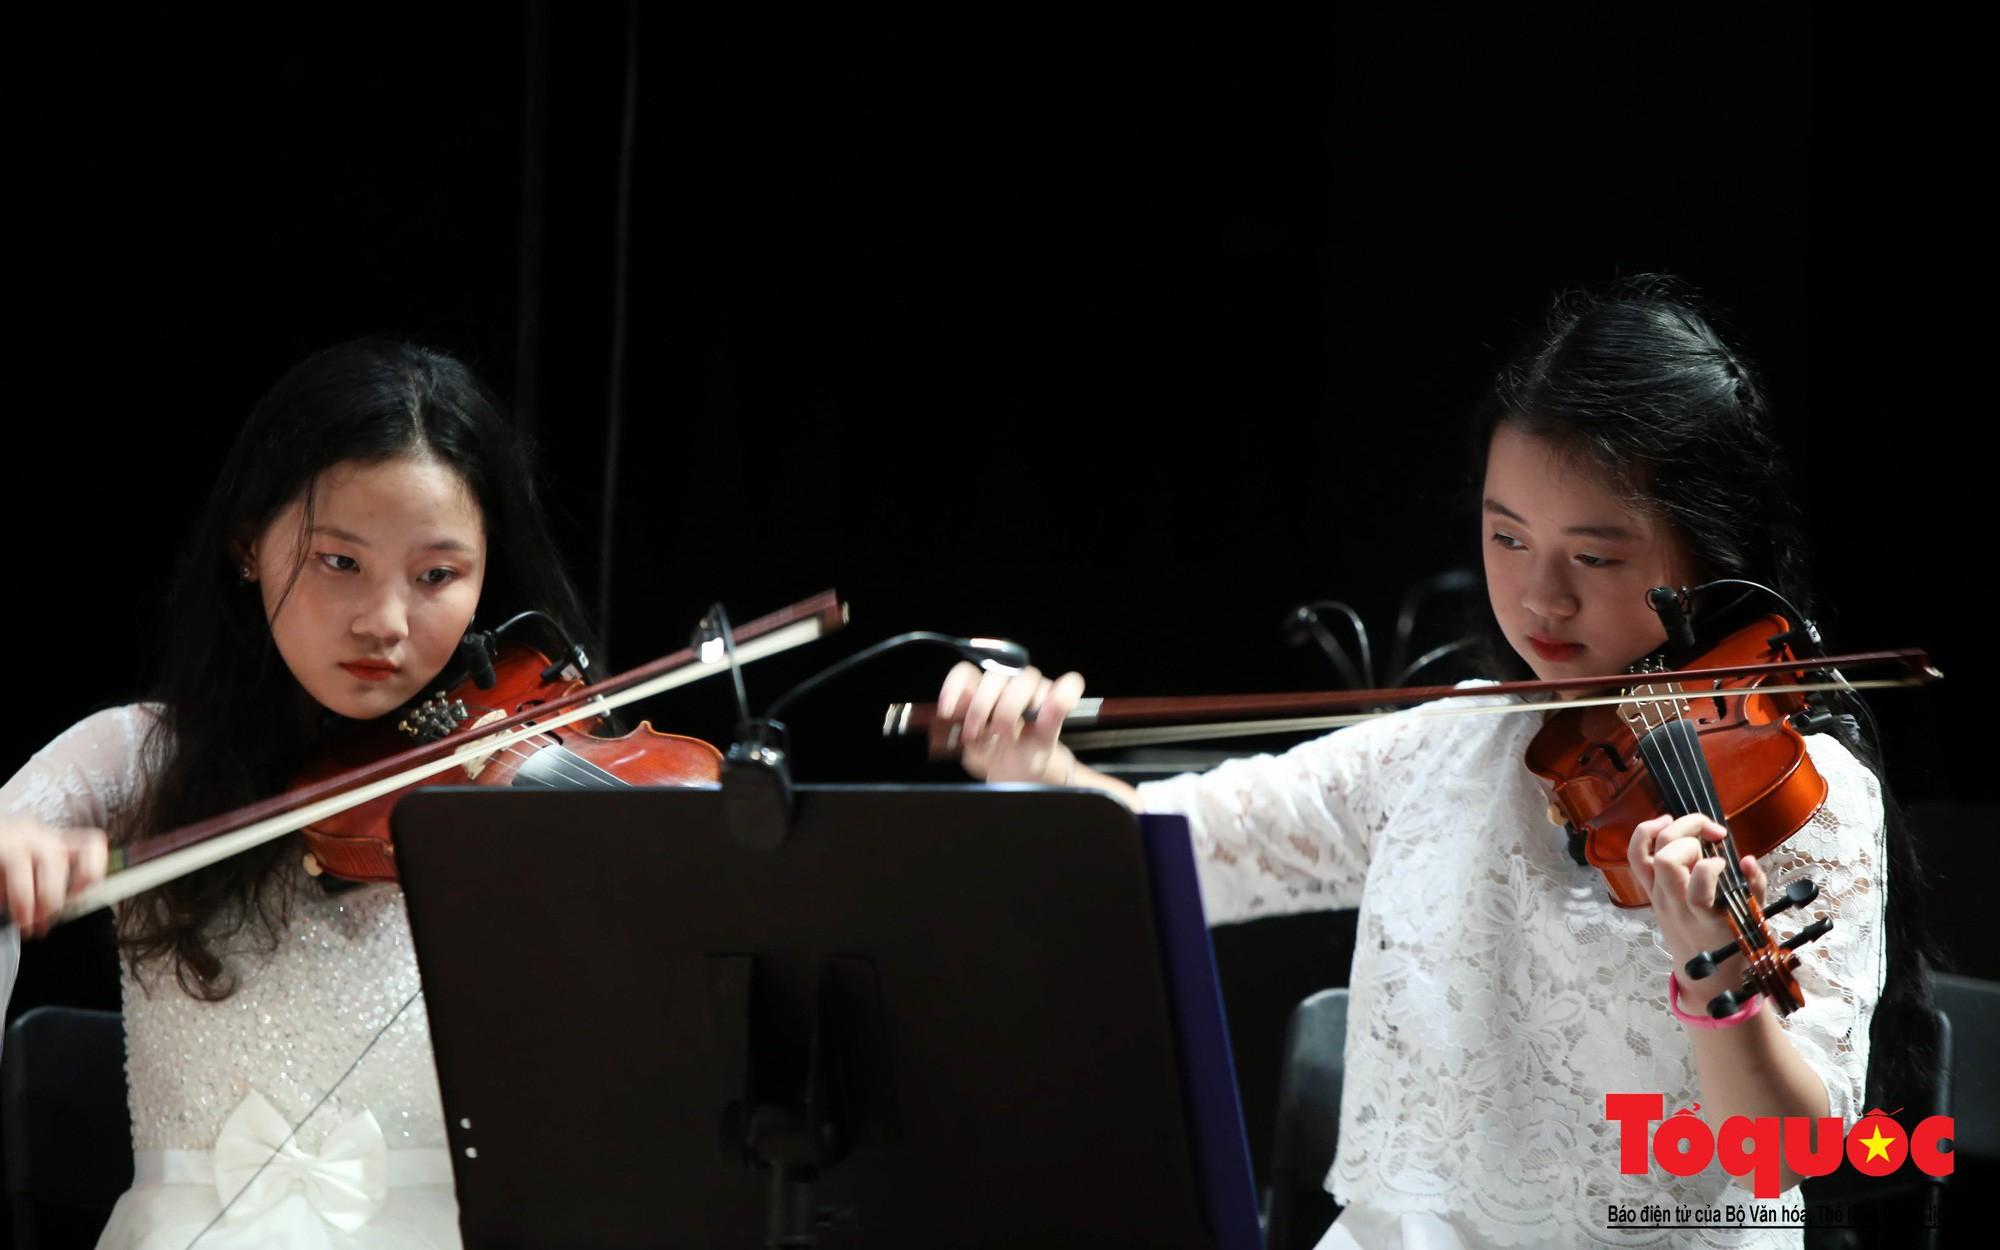 Dàn nhạc giao hưởng nhí đầu tiên của Việt Nam biểu diễn gây quỹ từ thiện